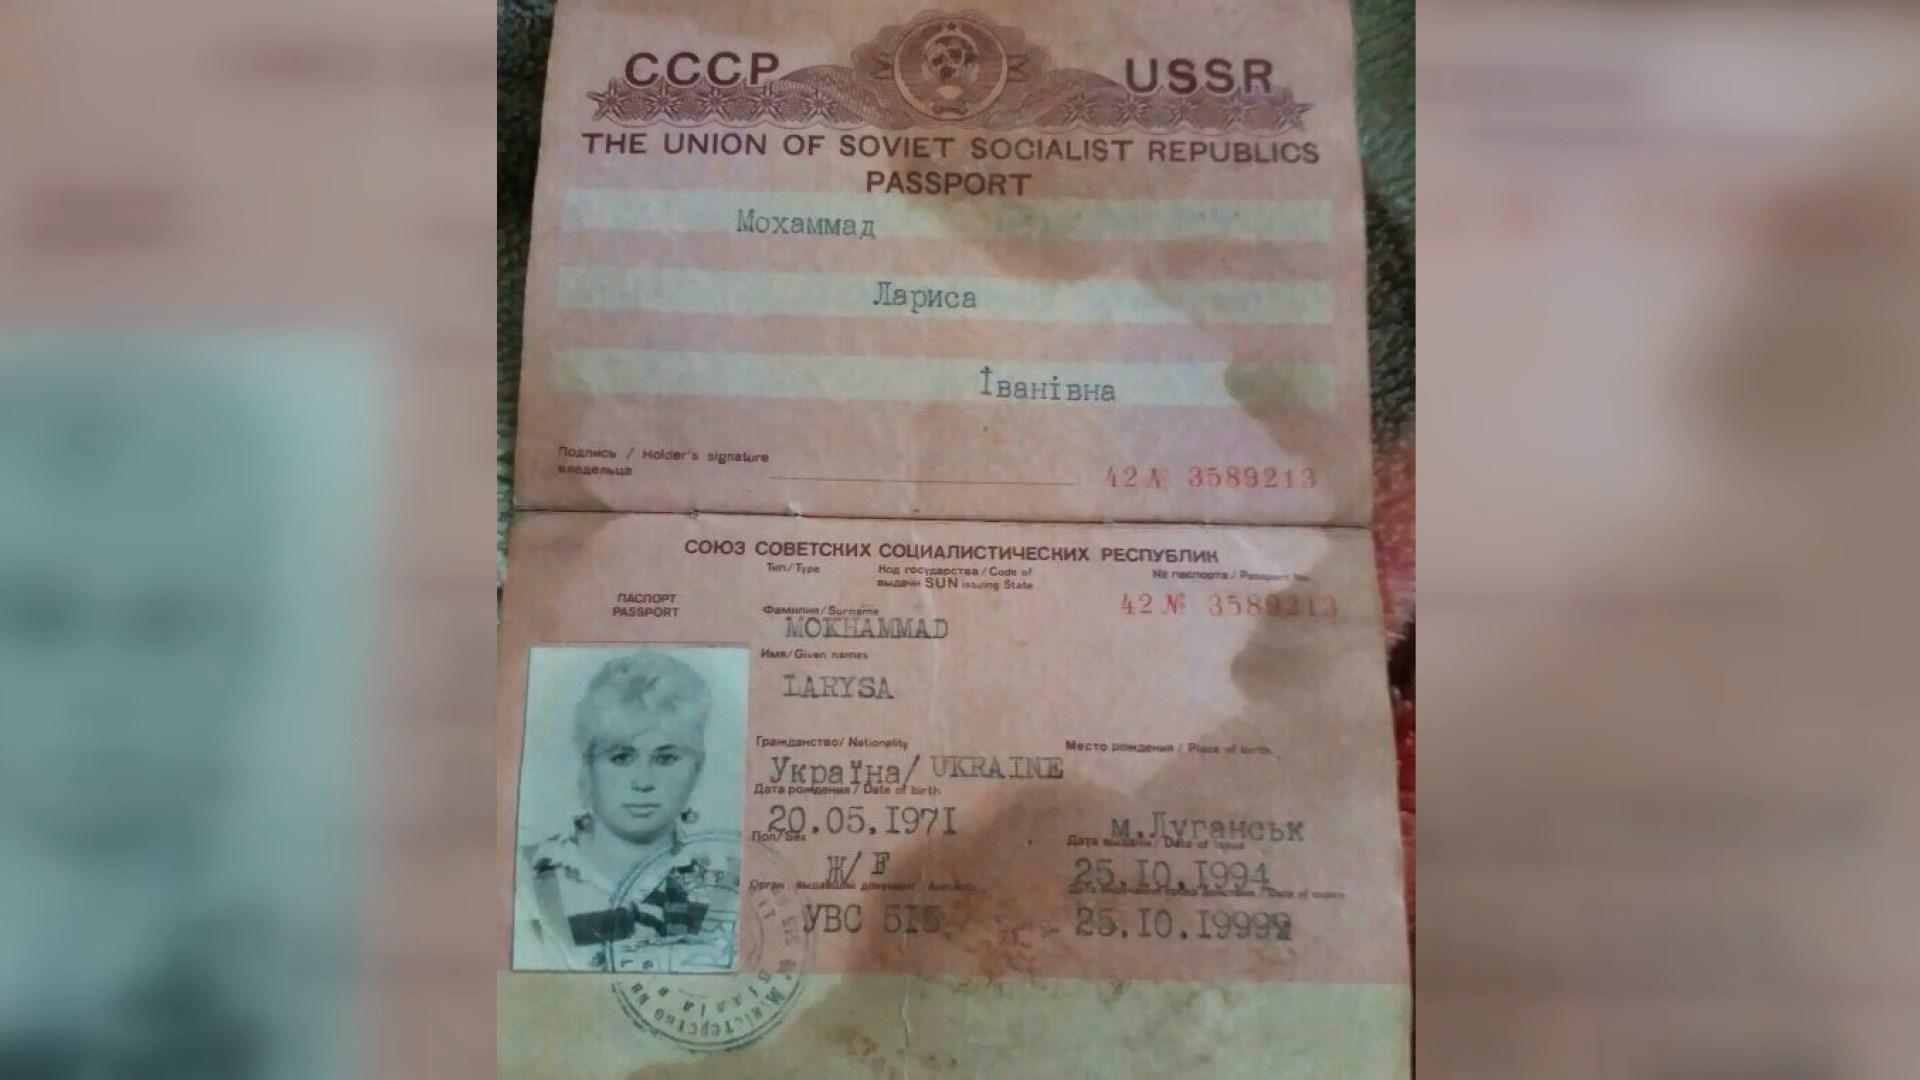 паспорт мохаммад